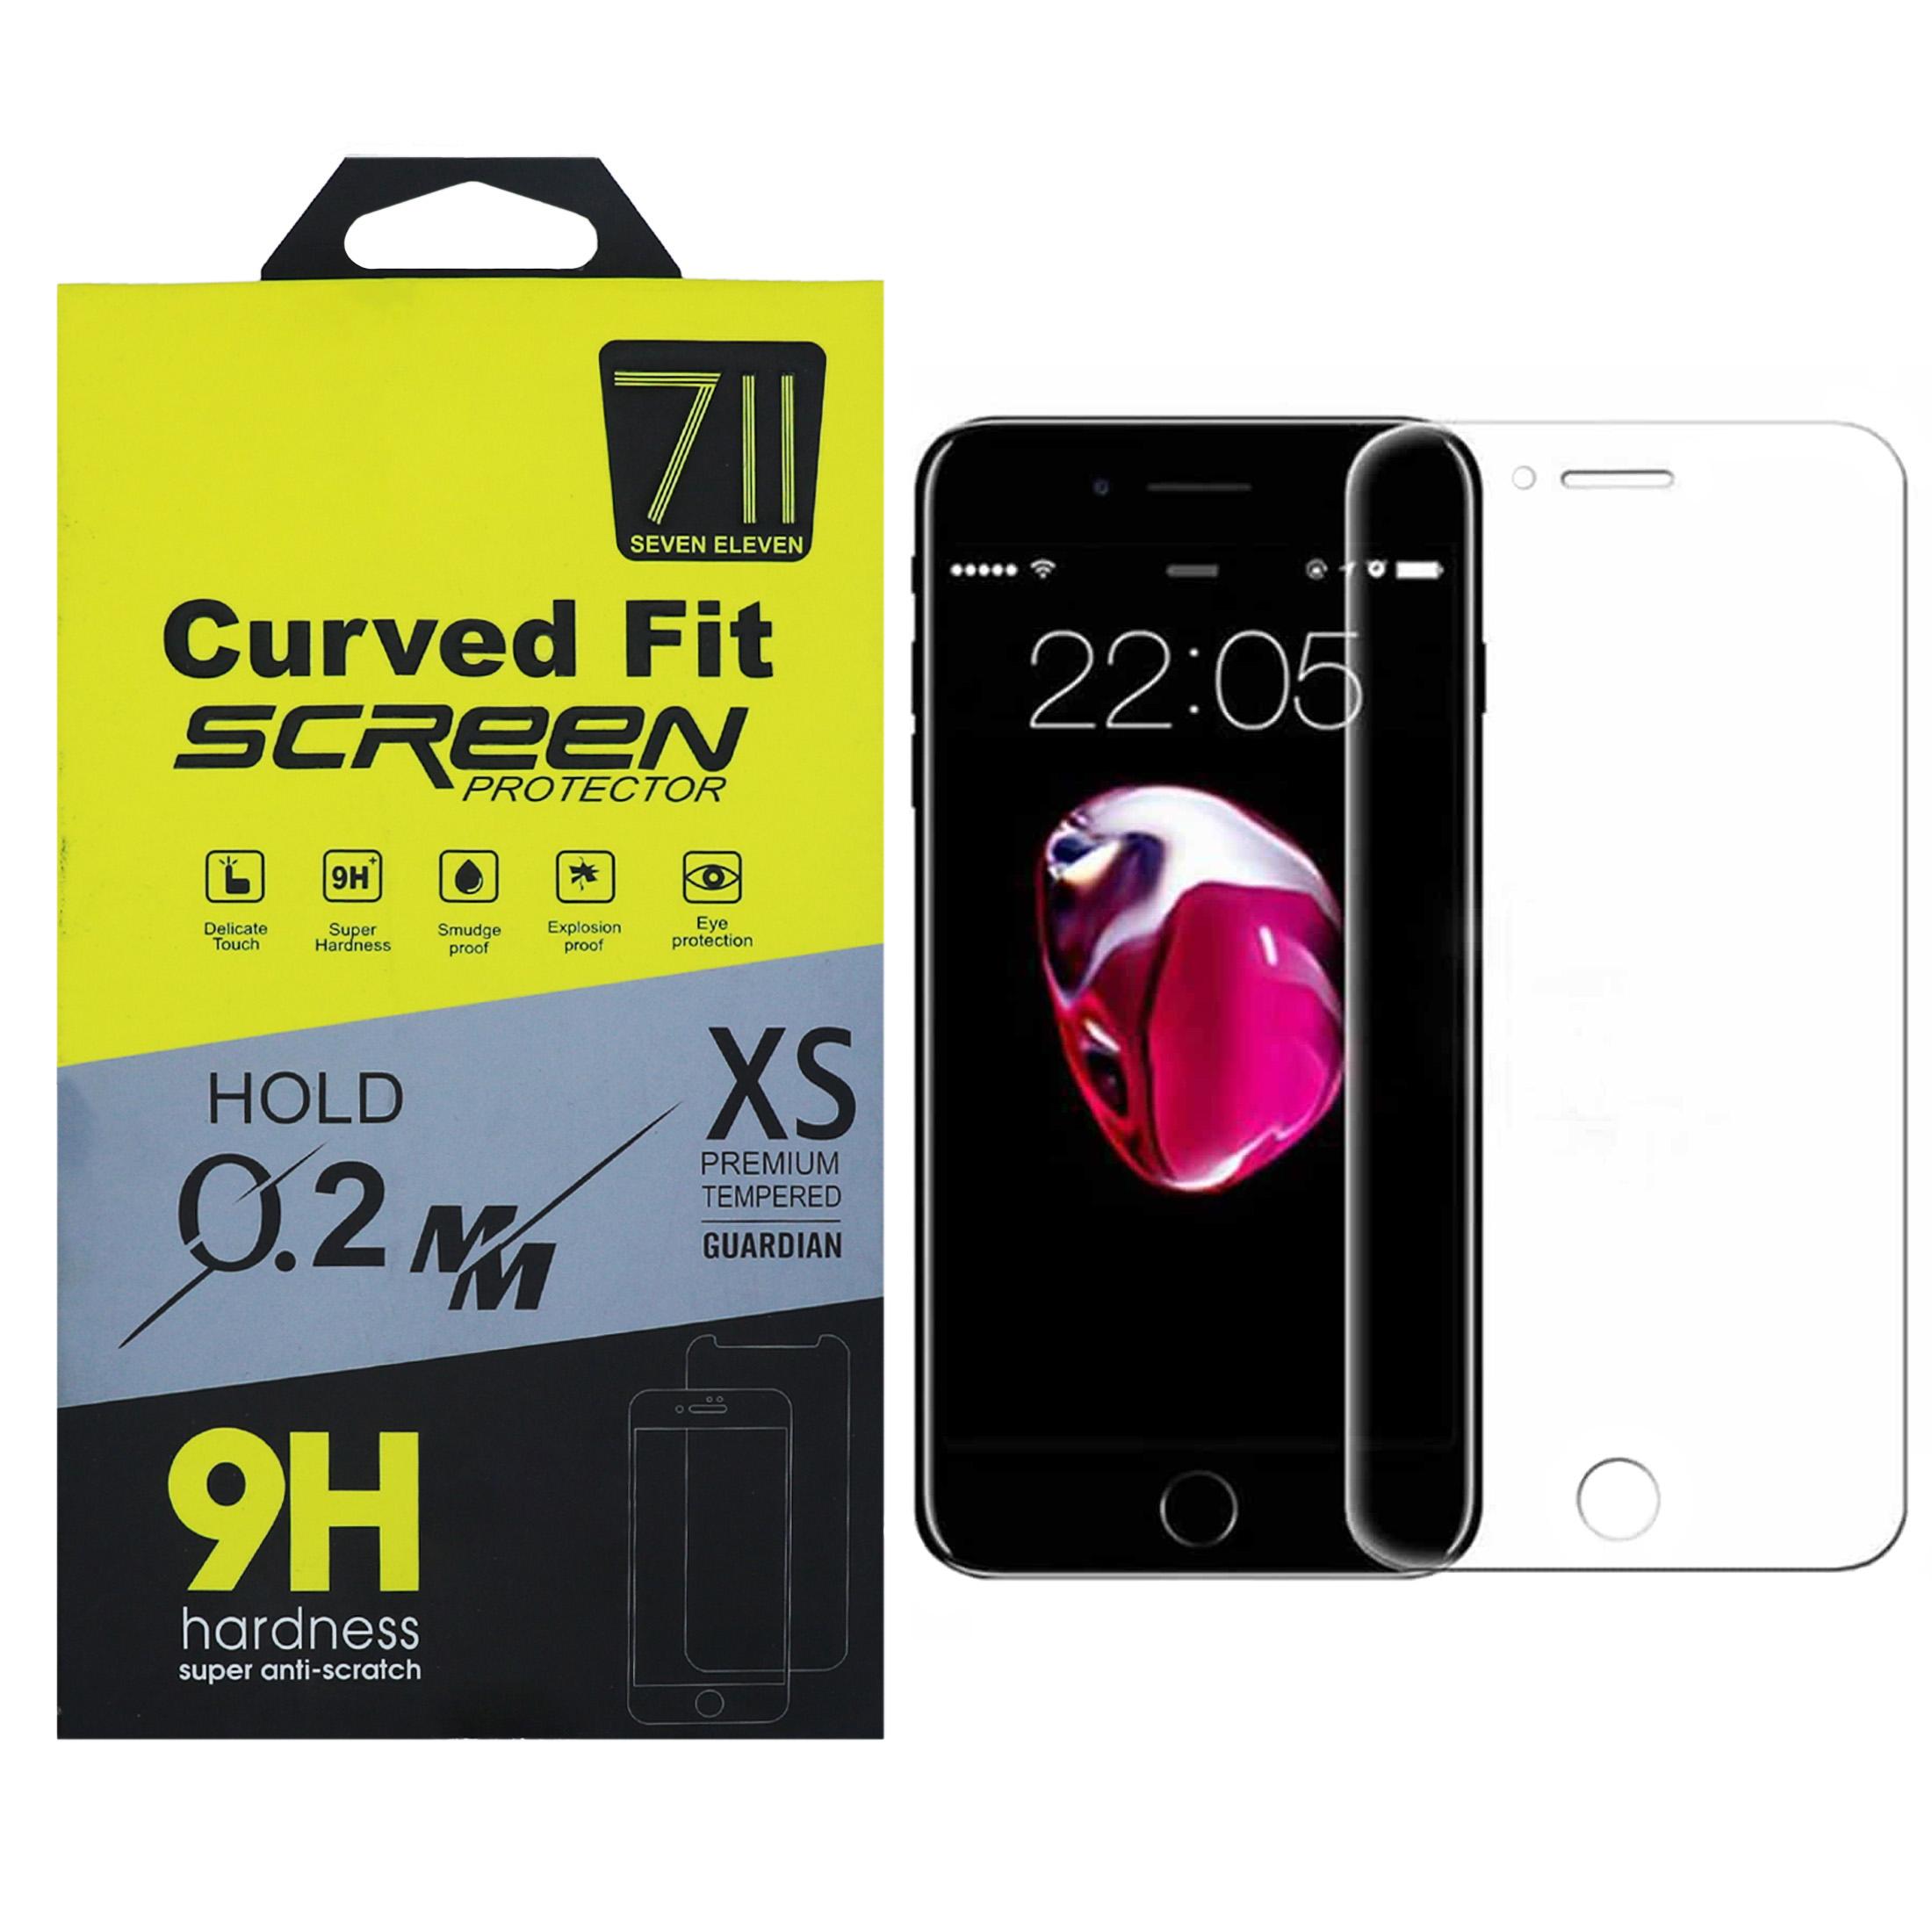 محافظ صفحه نمایش سون الون مدل Tmp مناسب برای گوشی موبایل اپل iphone 7 plus / 8 plus